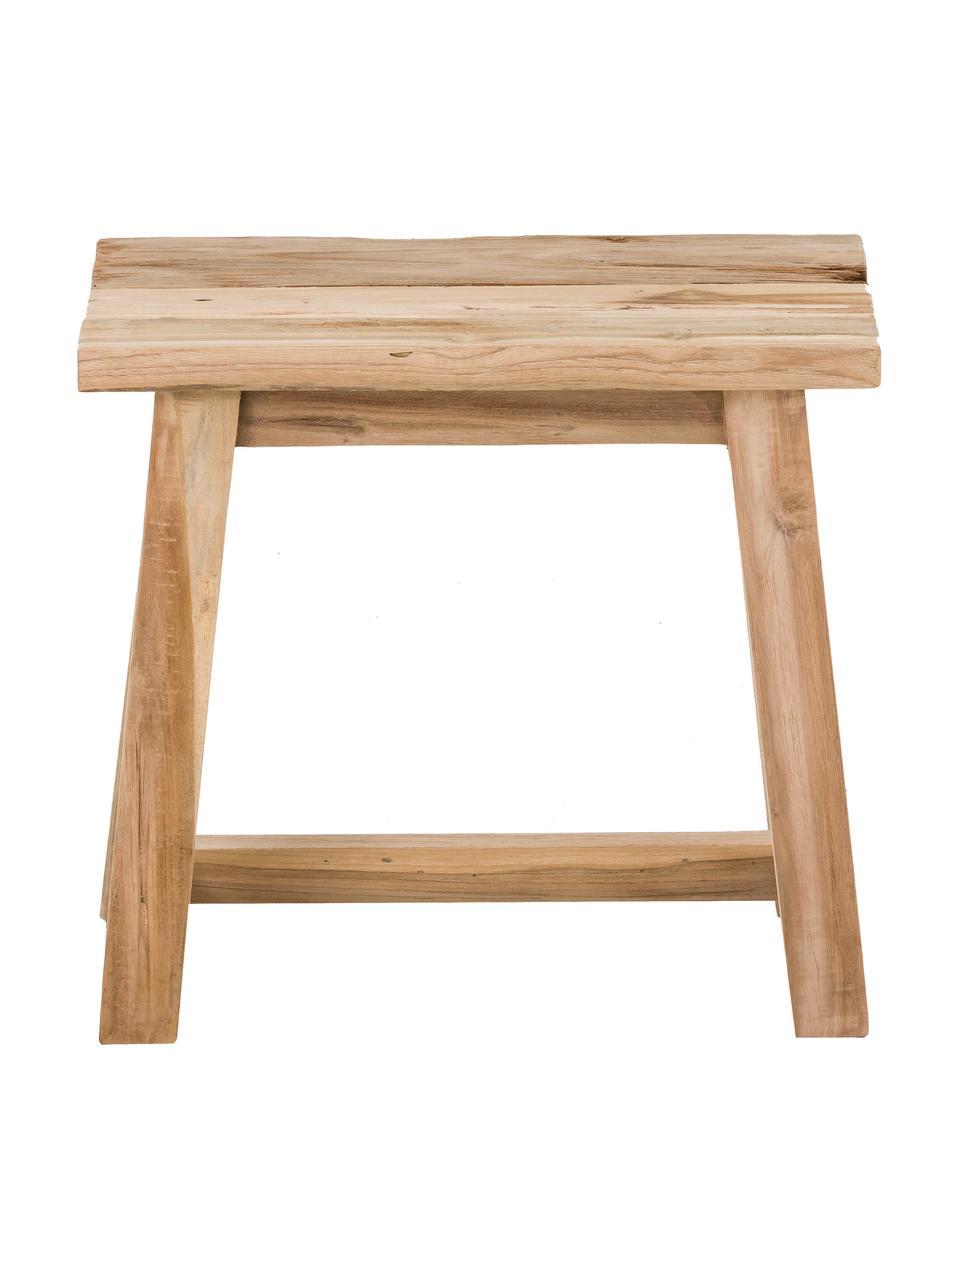 Sgabello in legno di teak riciclato Lawas, Legno di teak, finitura naturale, Legno di teak, Larg. 50 x Alt. 46 cm